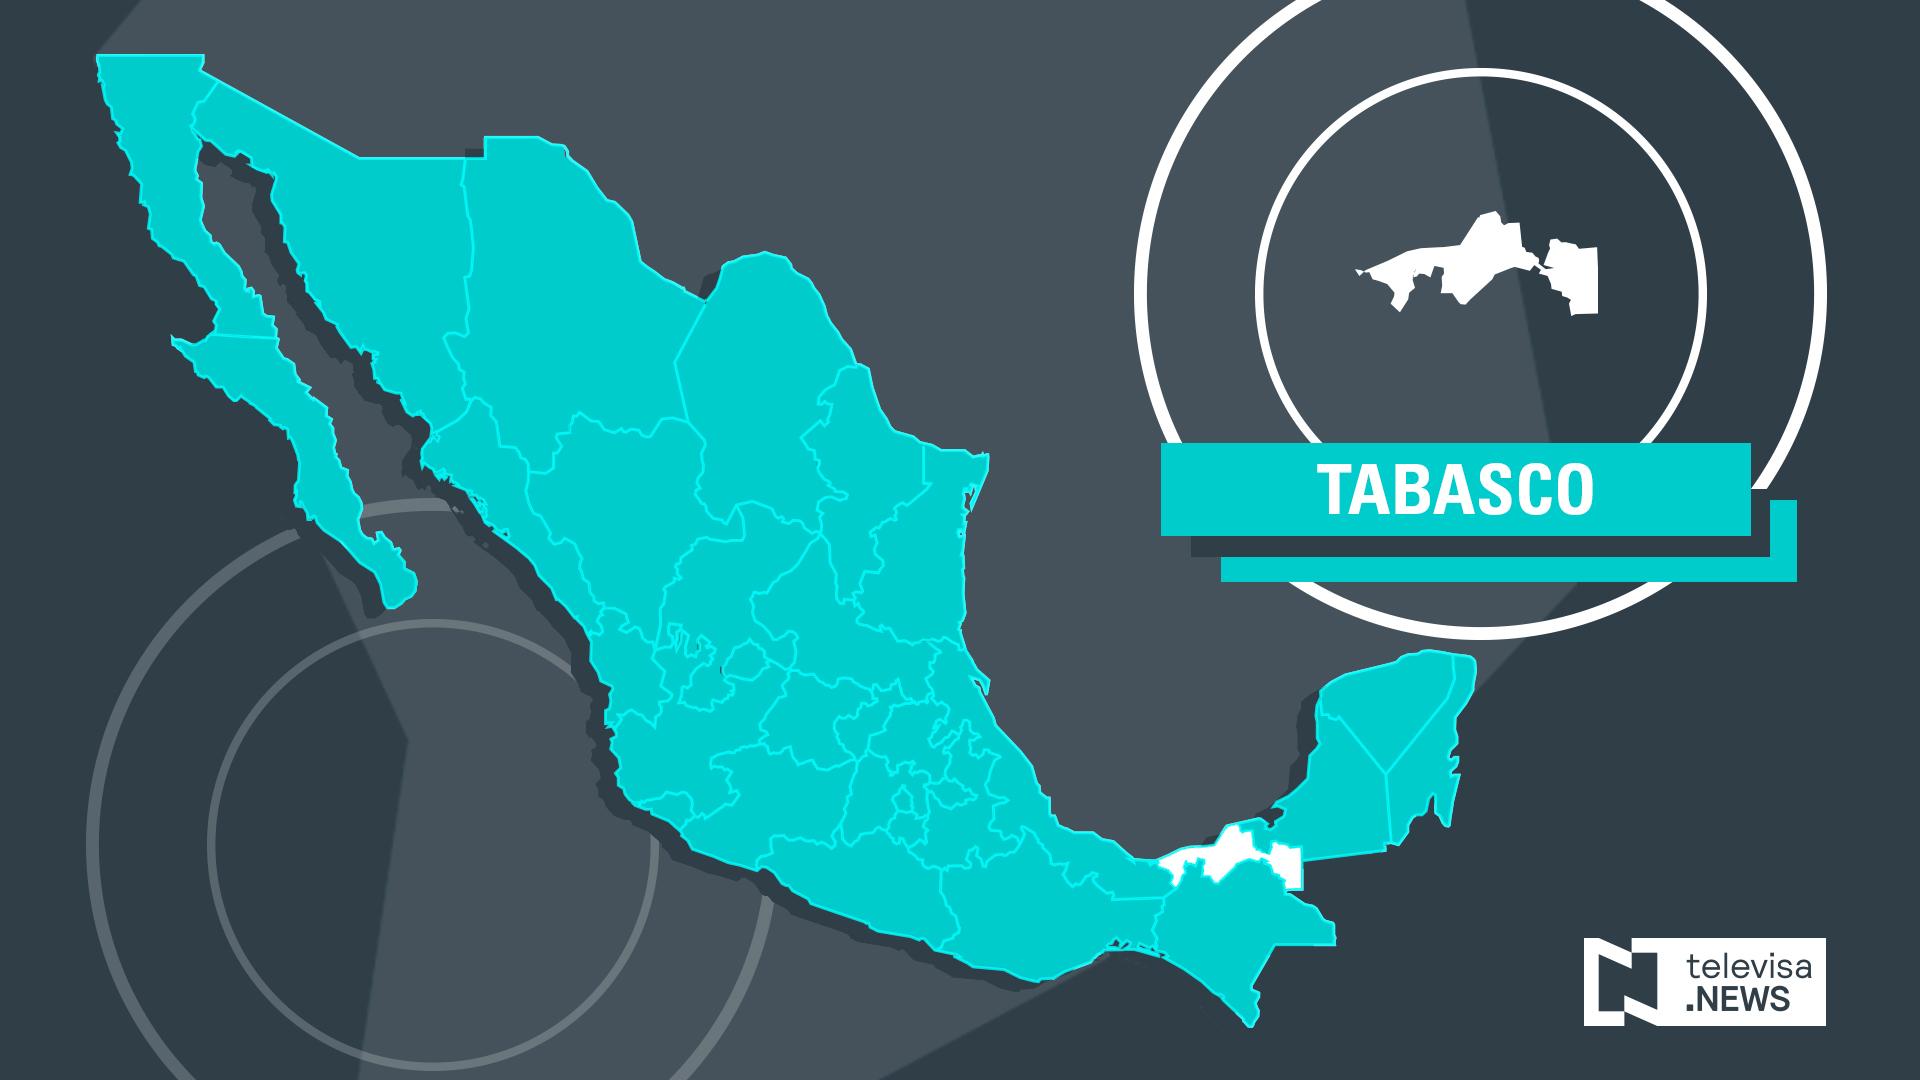 Lluvias provocadas por frente fro 39 afectan municipios de